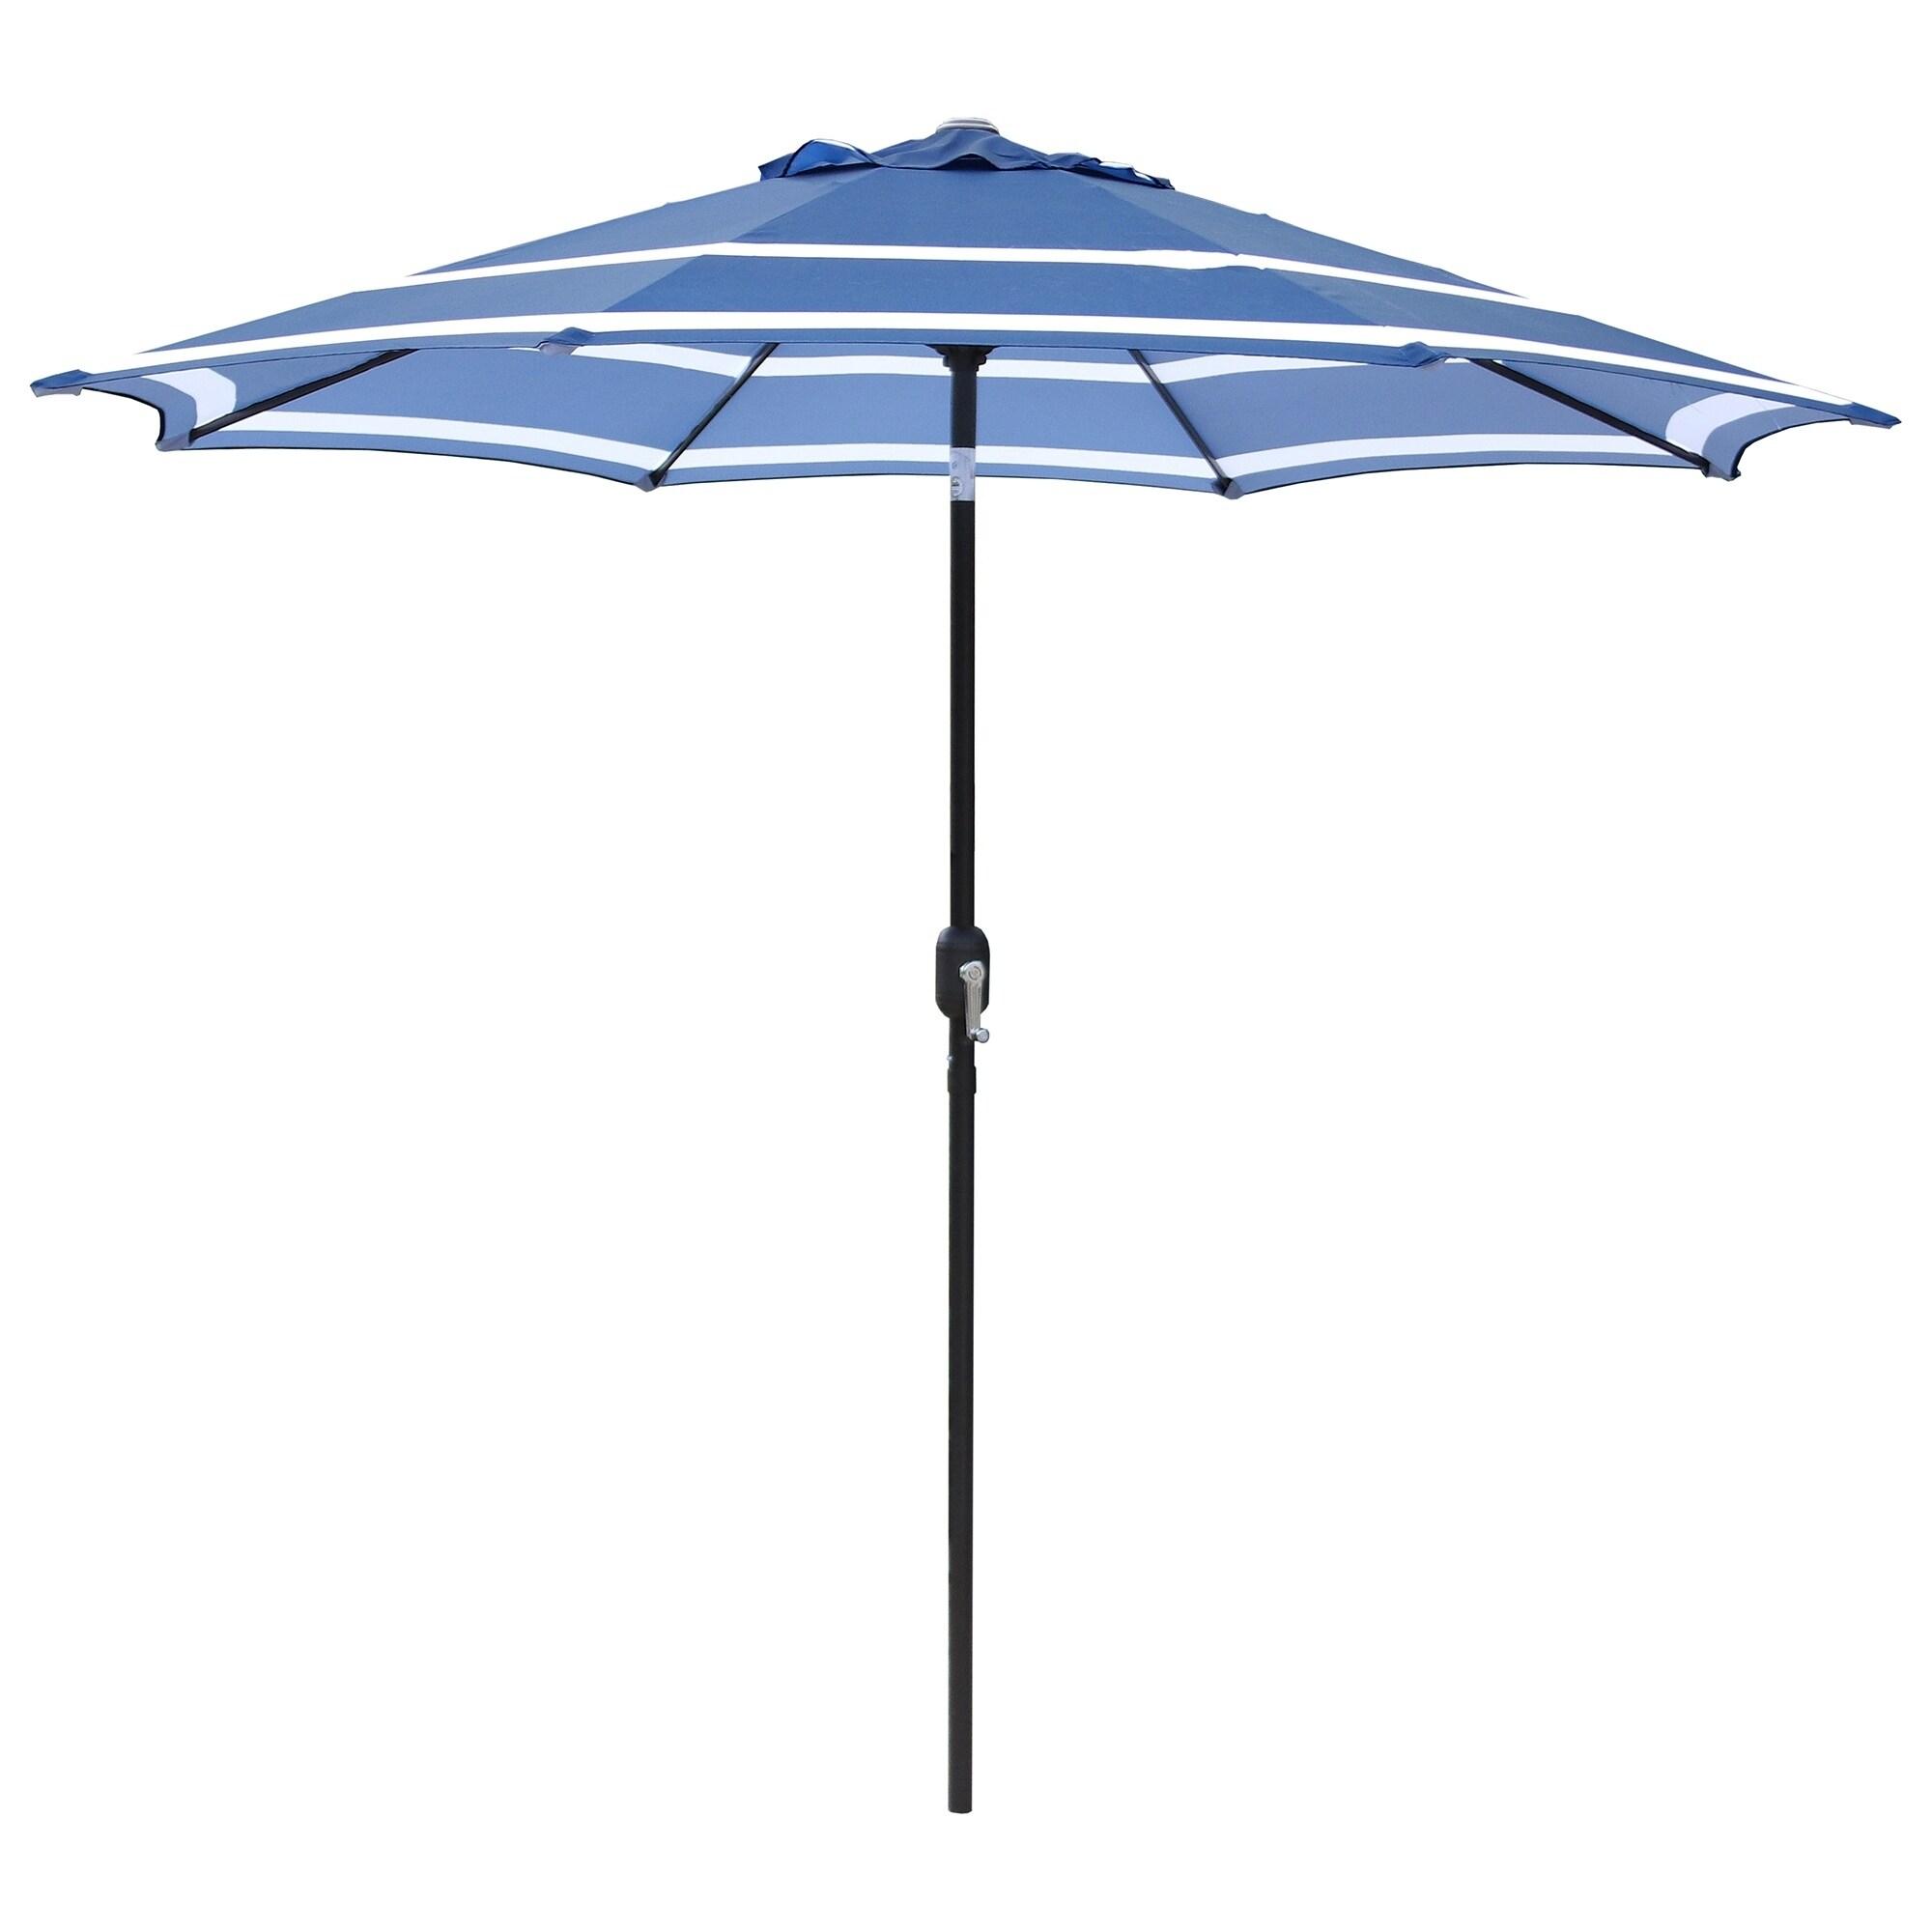 Maypex 9 Ft Patio Umbrella Base